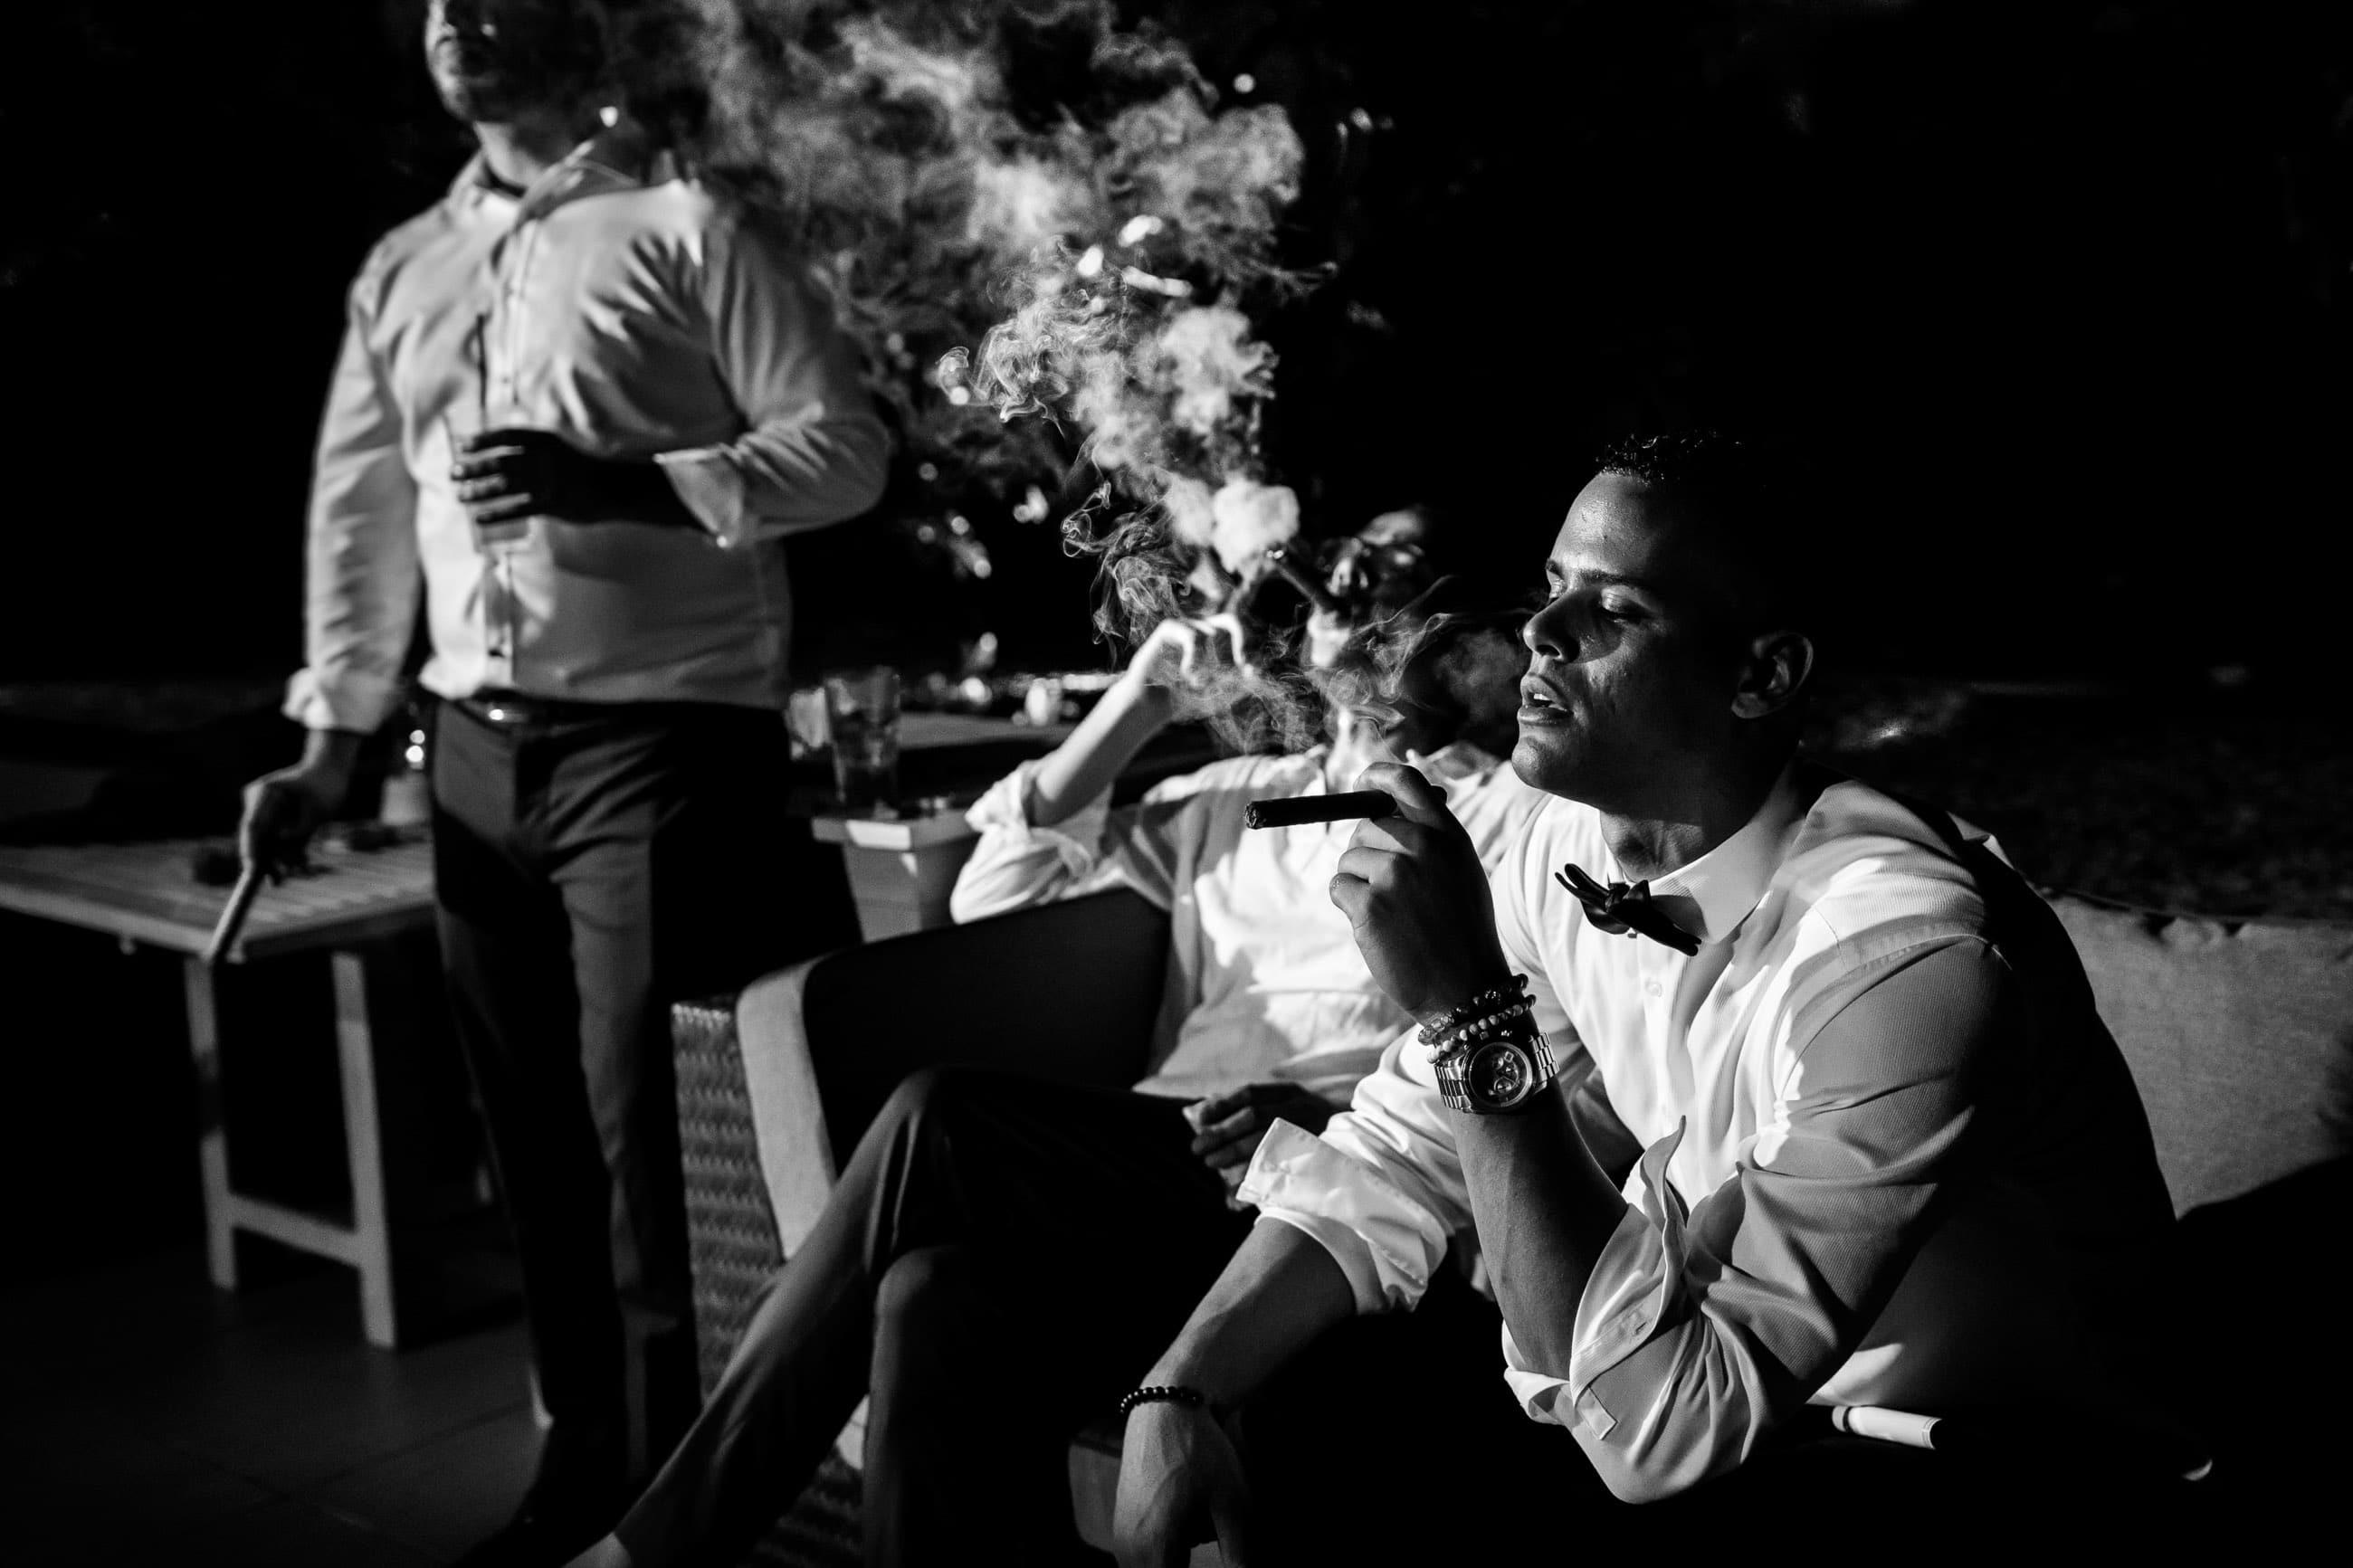 Groomsmen Smoking